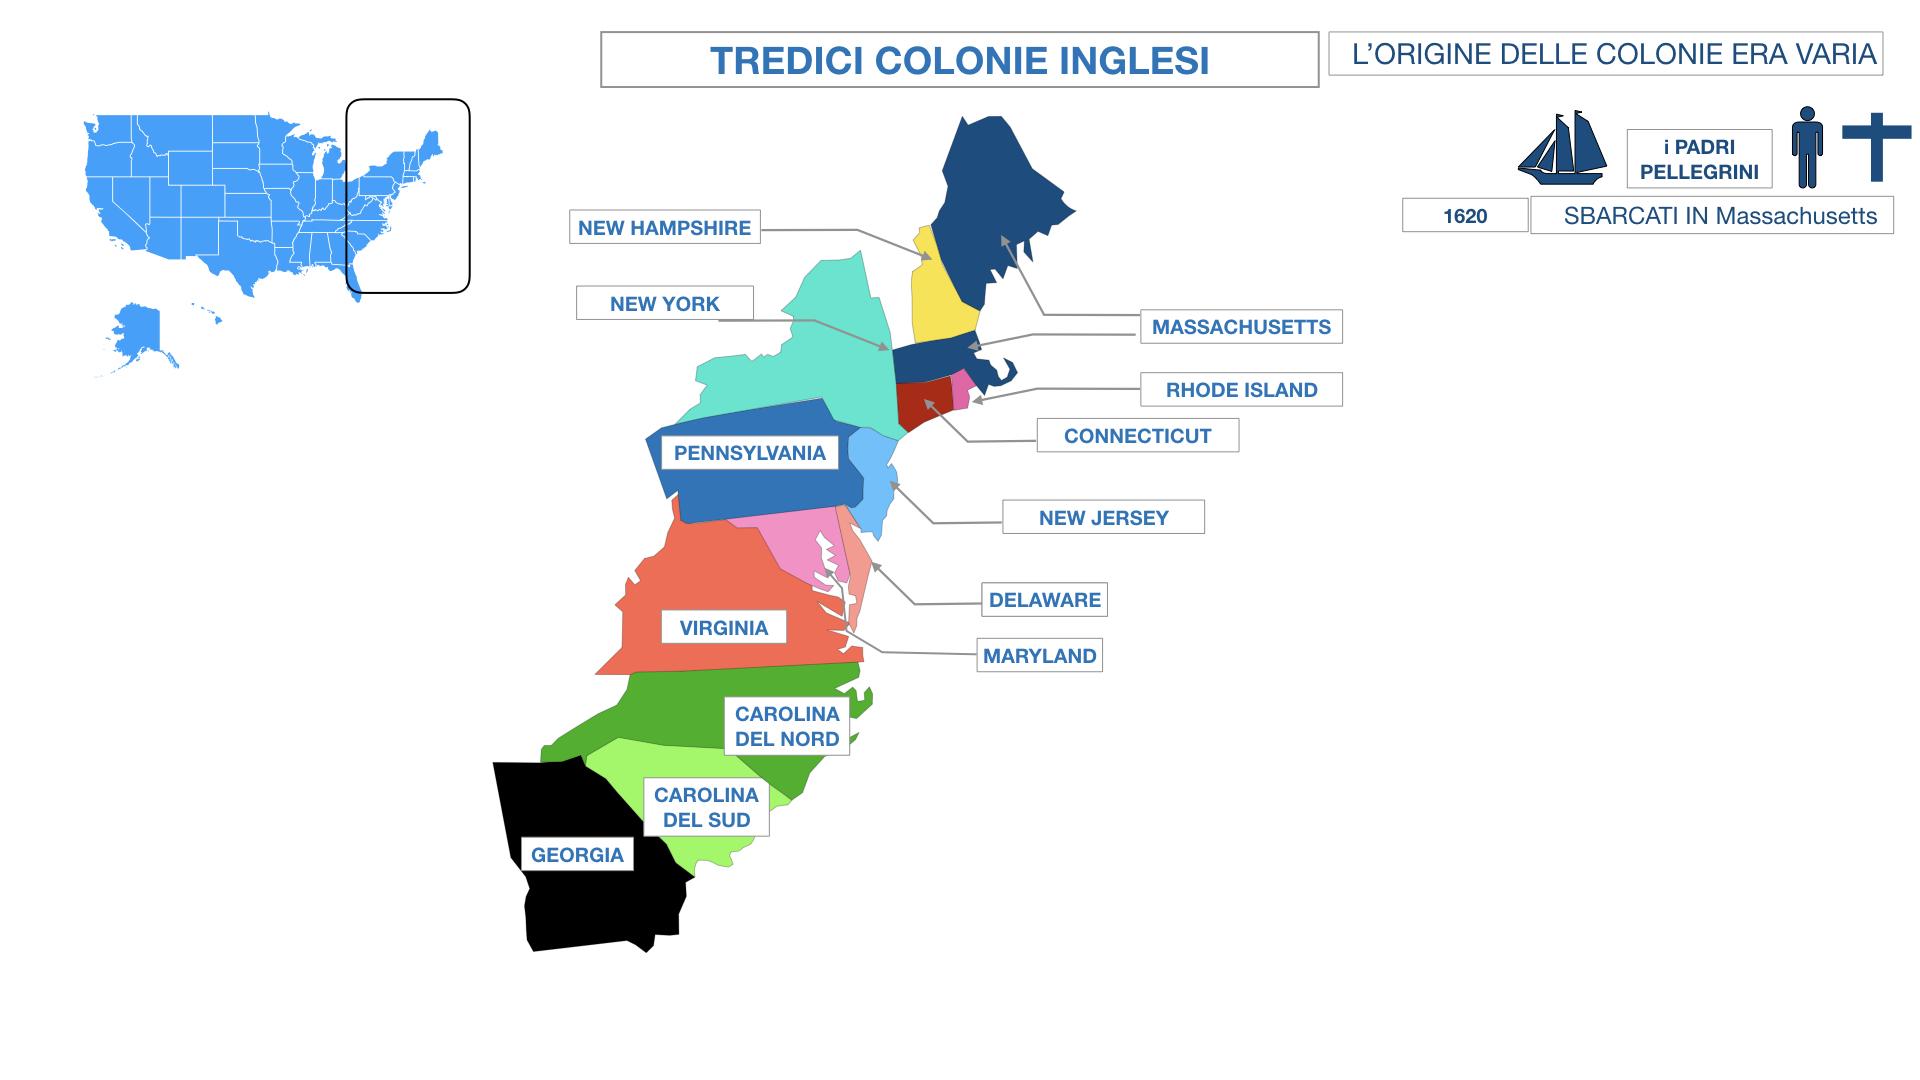 AMERICA LE TREDICI COLONIE INGLESI SIMULAZIONE.040